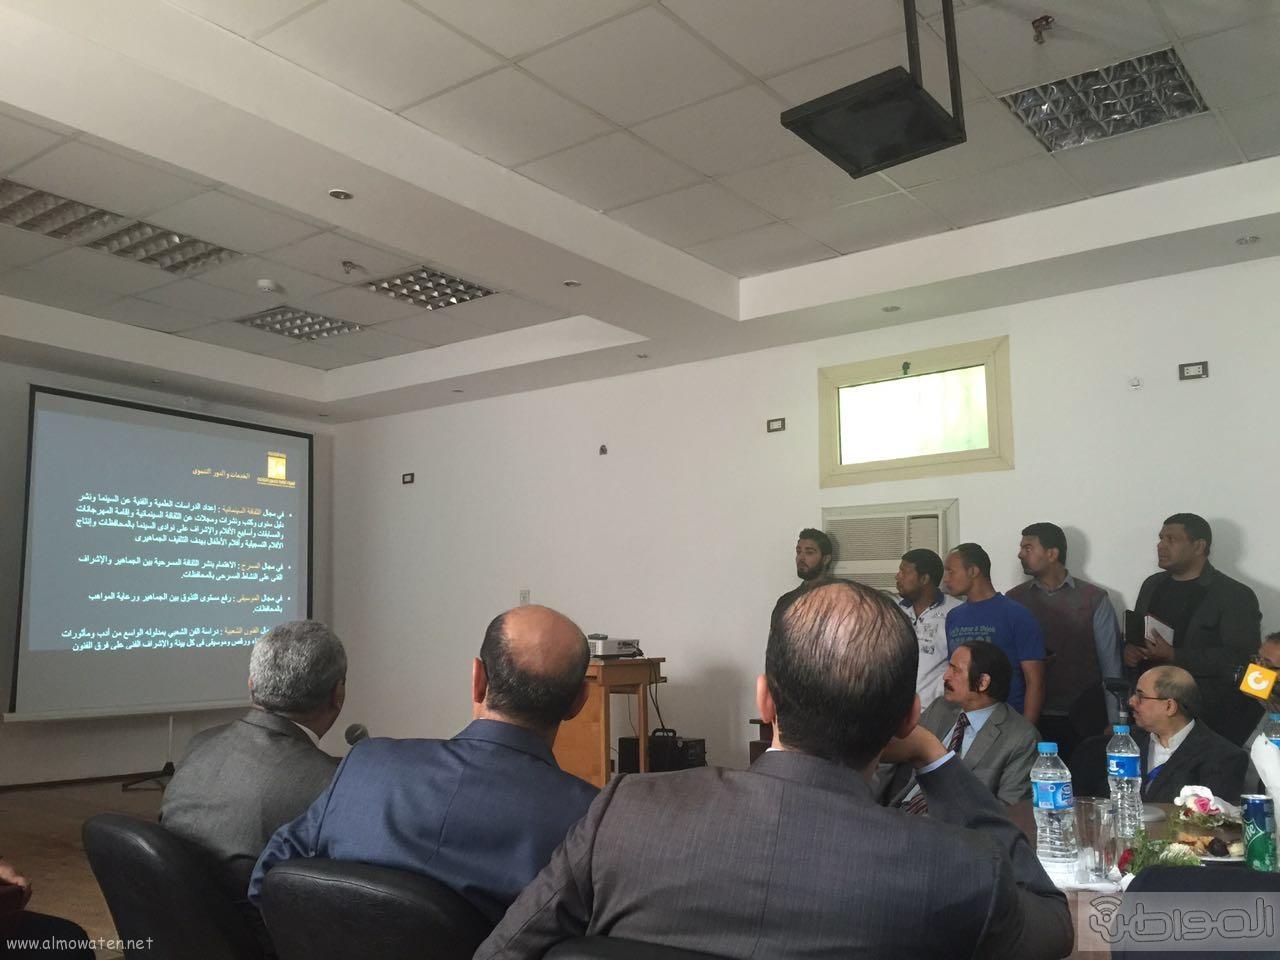 زيارة الوفد الاعلامي السعودي لقصور الثقافة بالقاهرة (7)